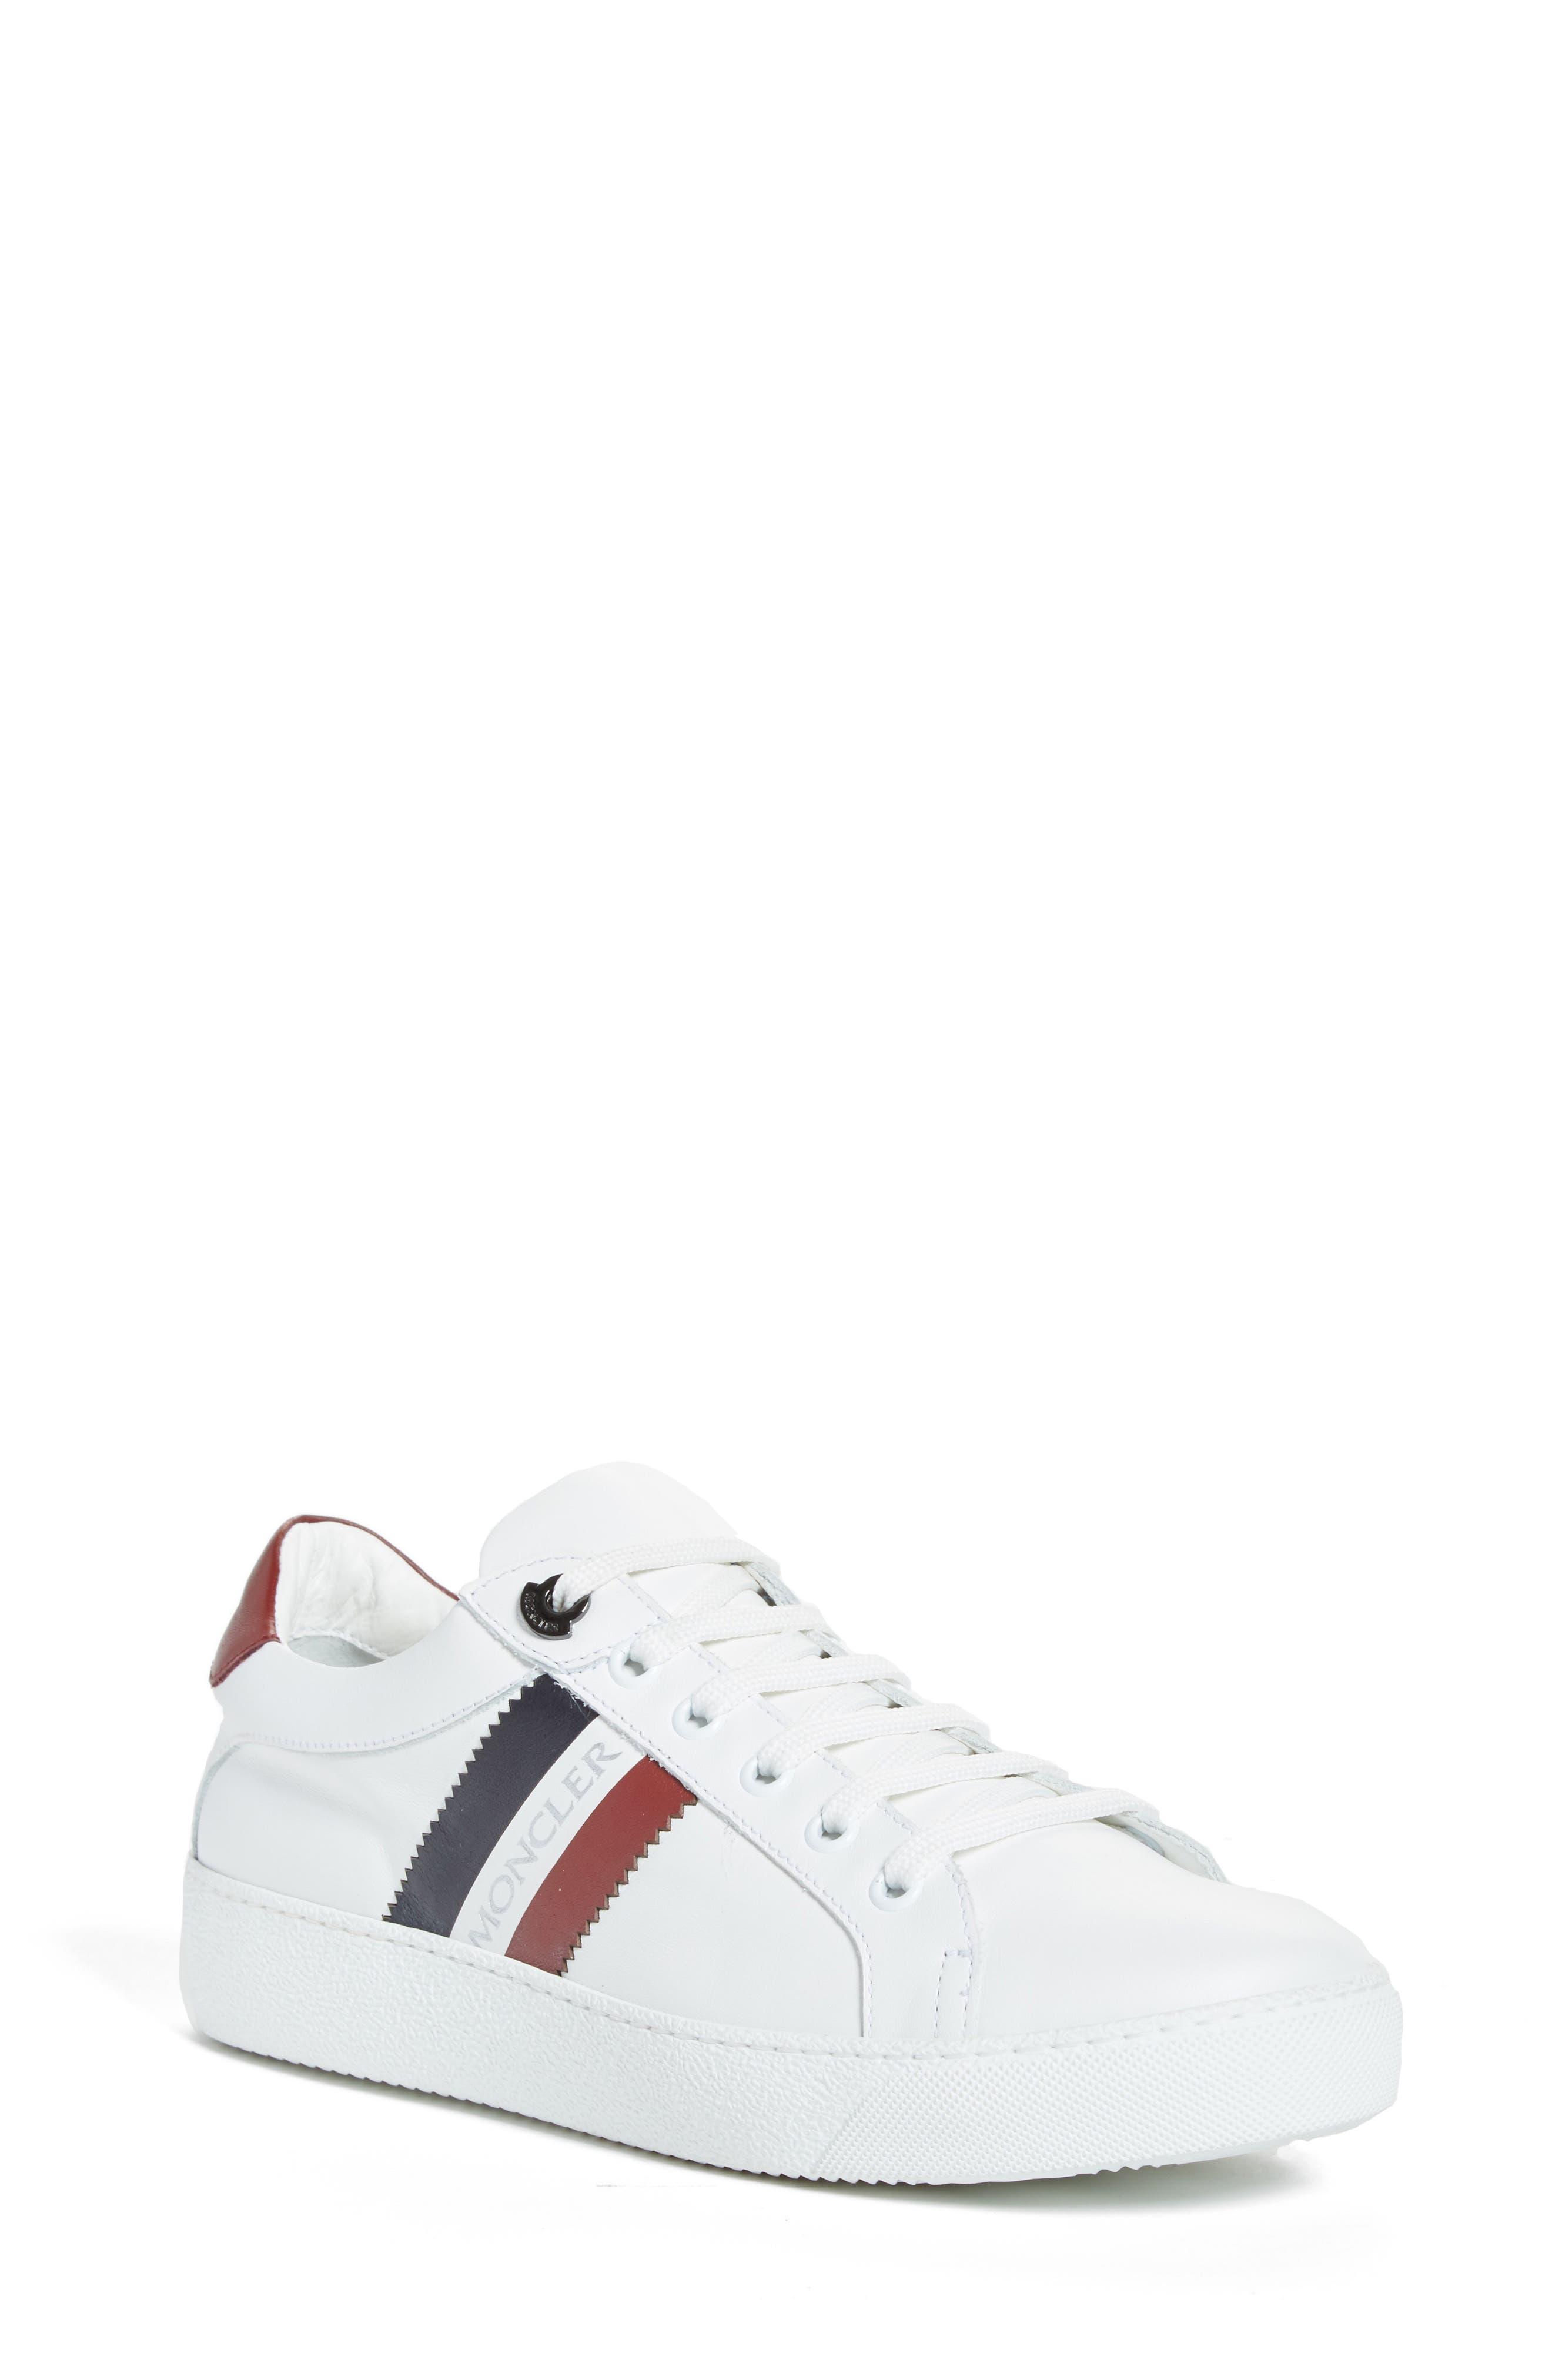 Moncler New Leni Scarpa Sneaker (Women)